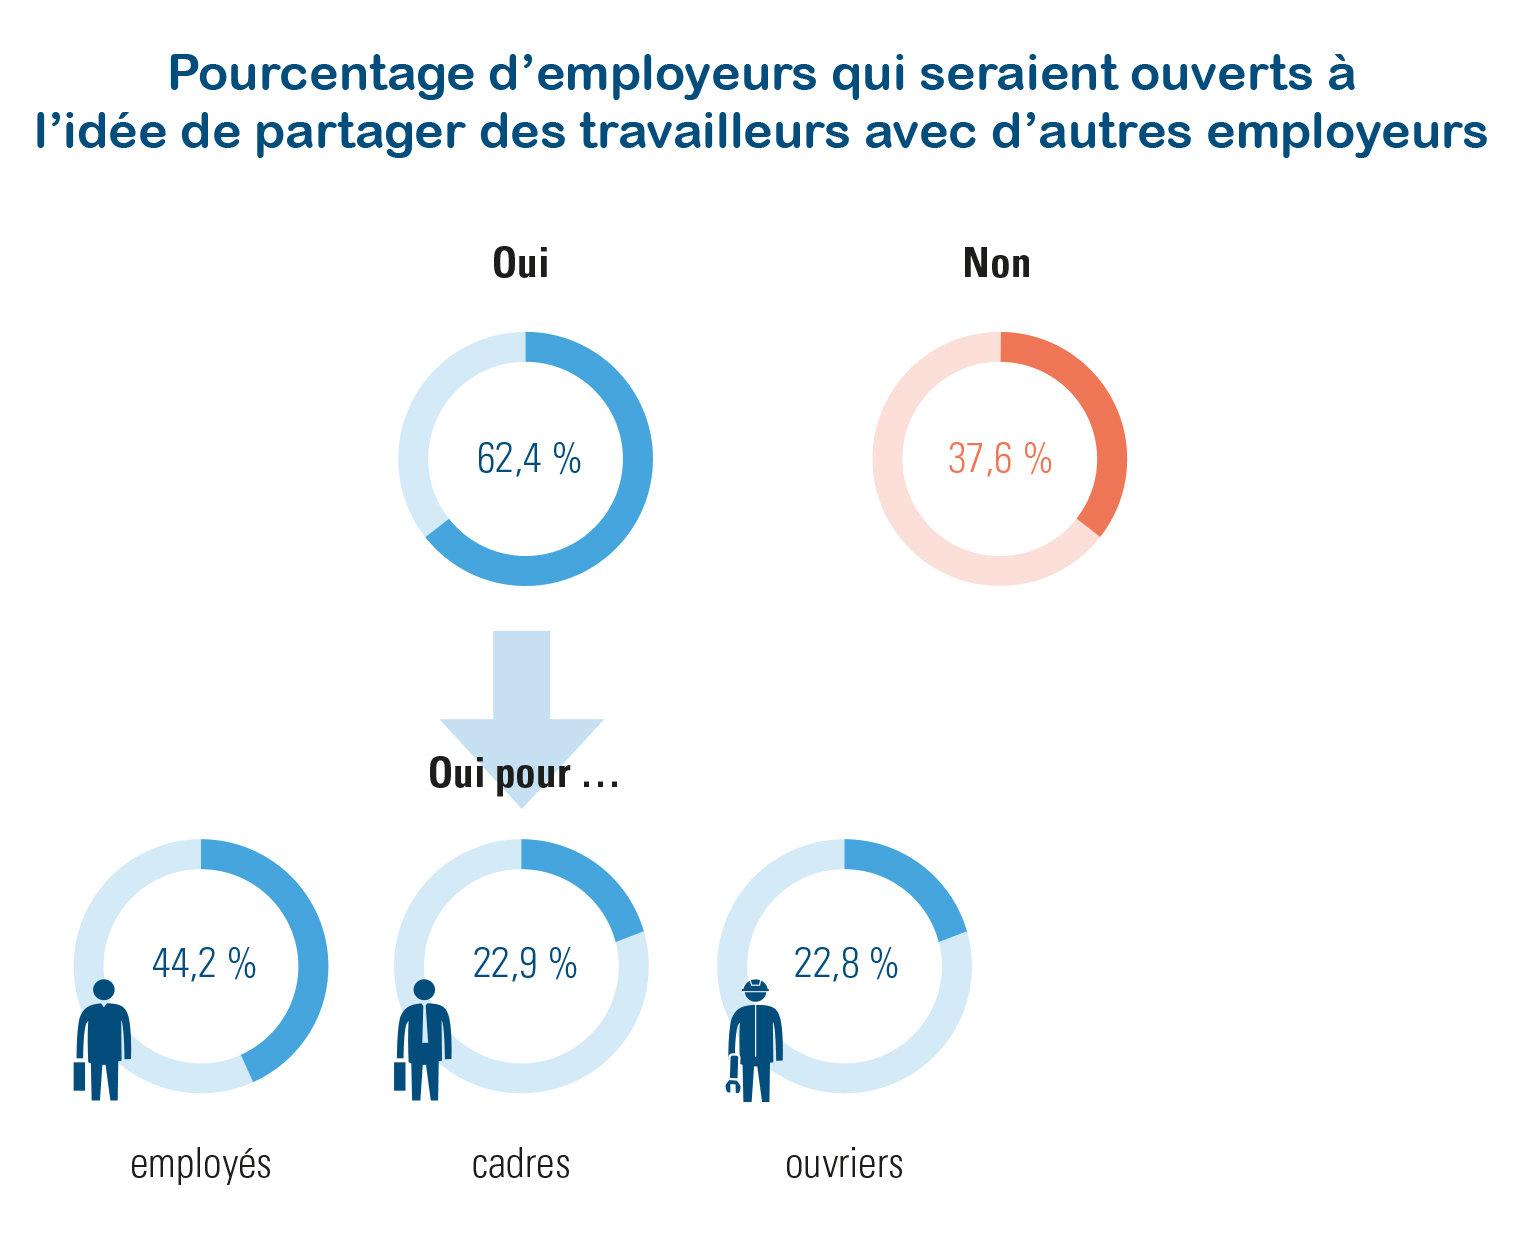 pourcentage d'employeurs ouverts ou non à l'idée de partager des travailleurs avec d'autres employeurs (enquête employeurs Acerta 2019)